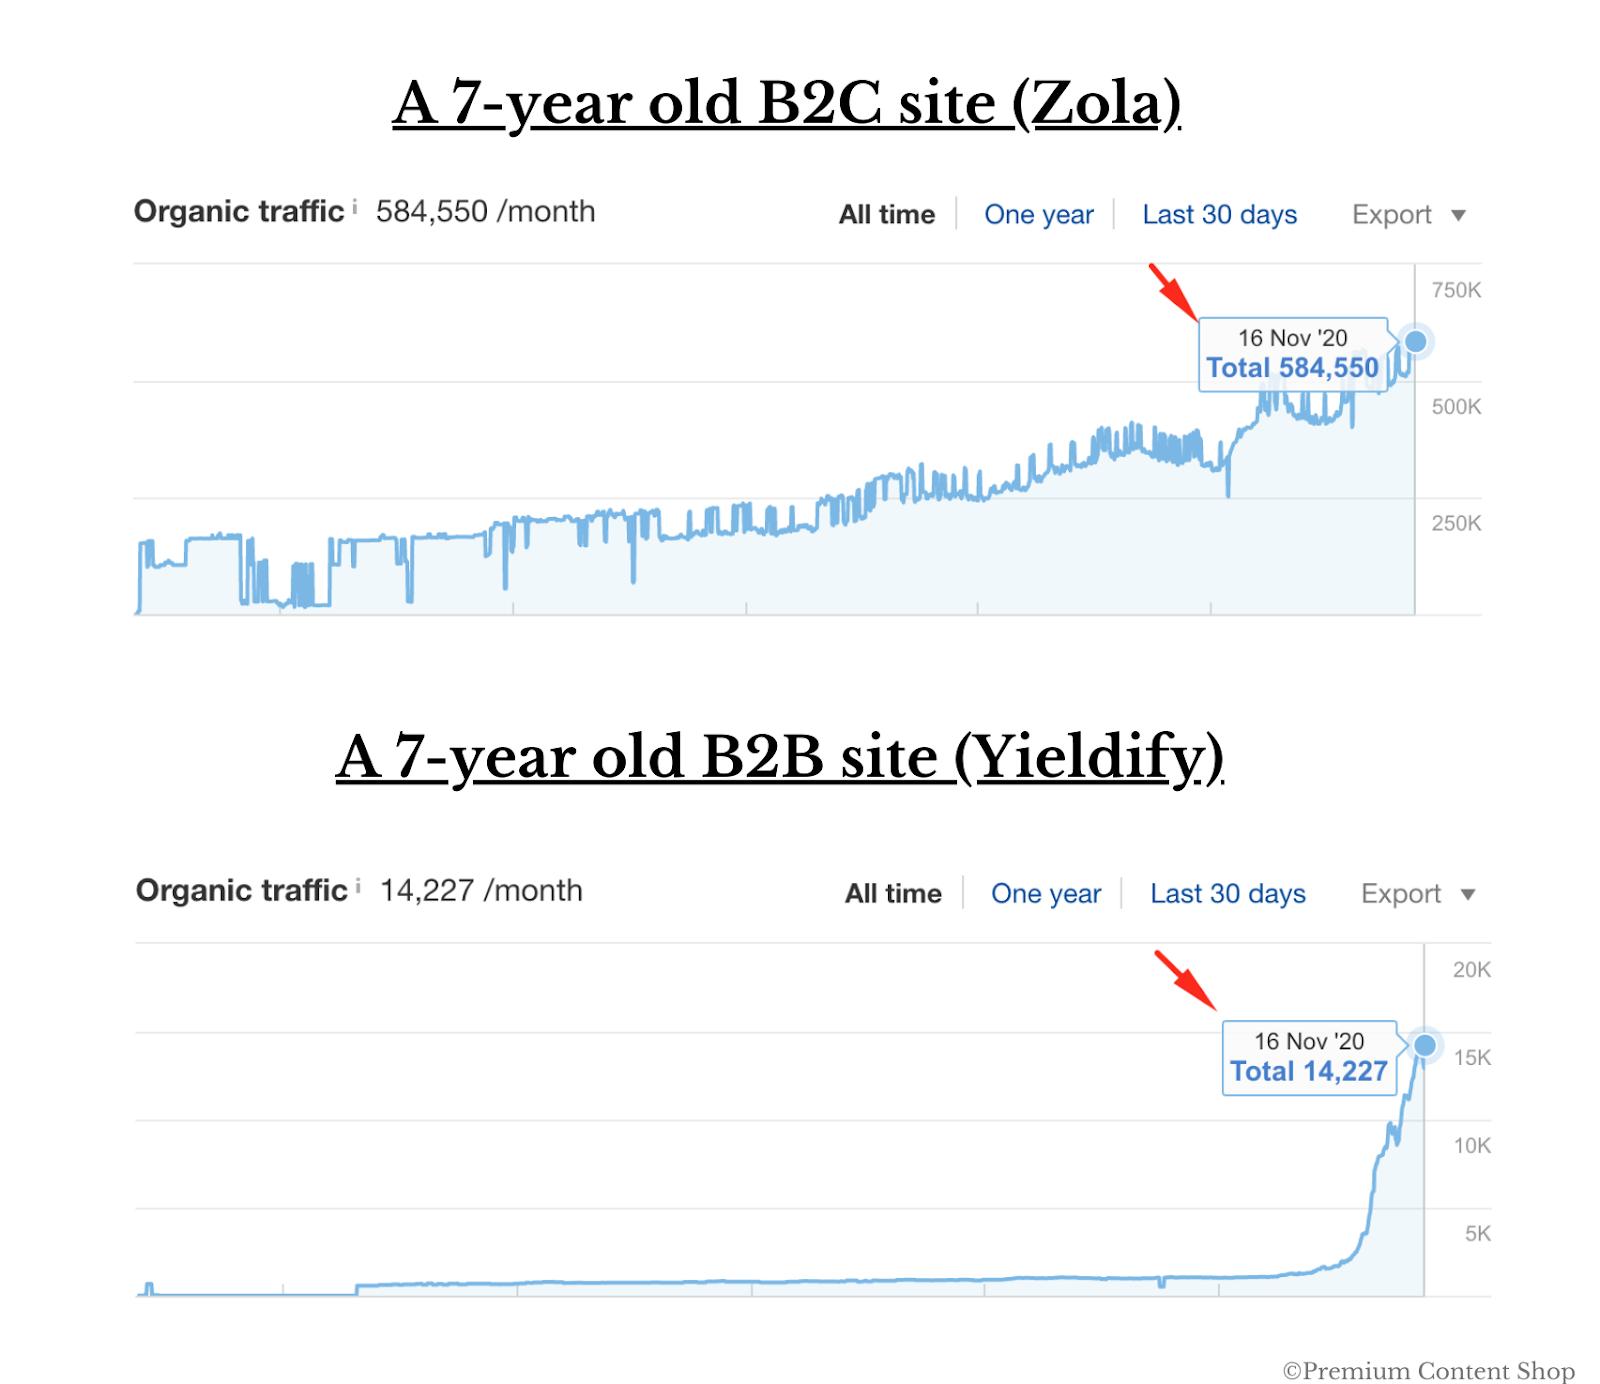 عکس 5 روش استفاده از جستجو به عنوان کانال رشد B2B در سال 2021